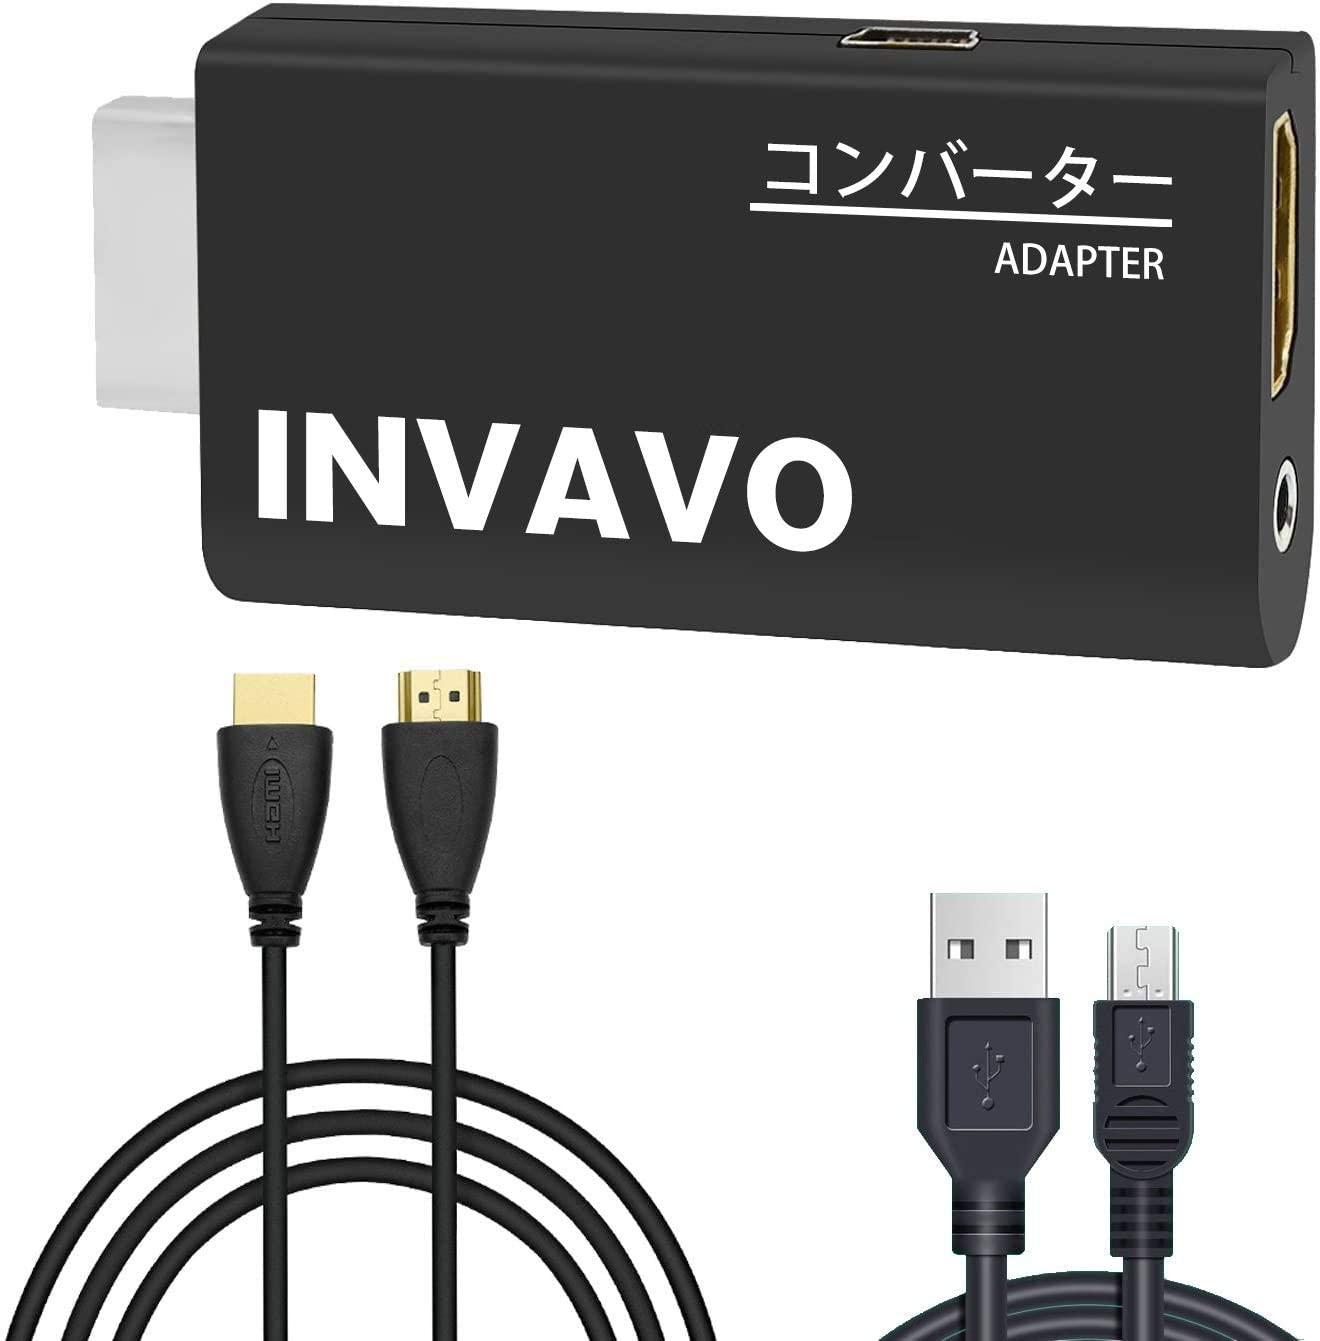 PS2用HDMIコンバーターの人気おすすめランキング15選【HDM変換で高画質に】